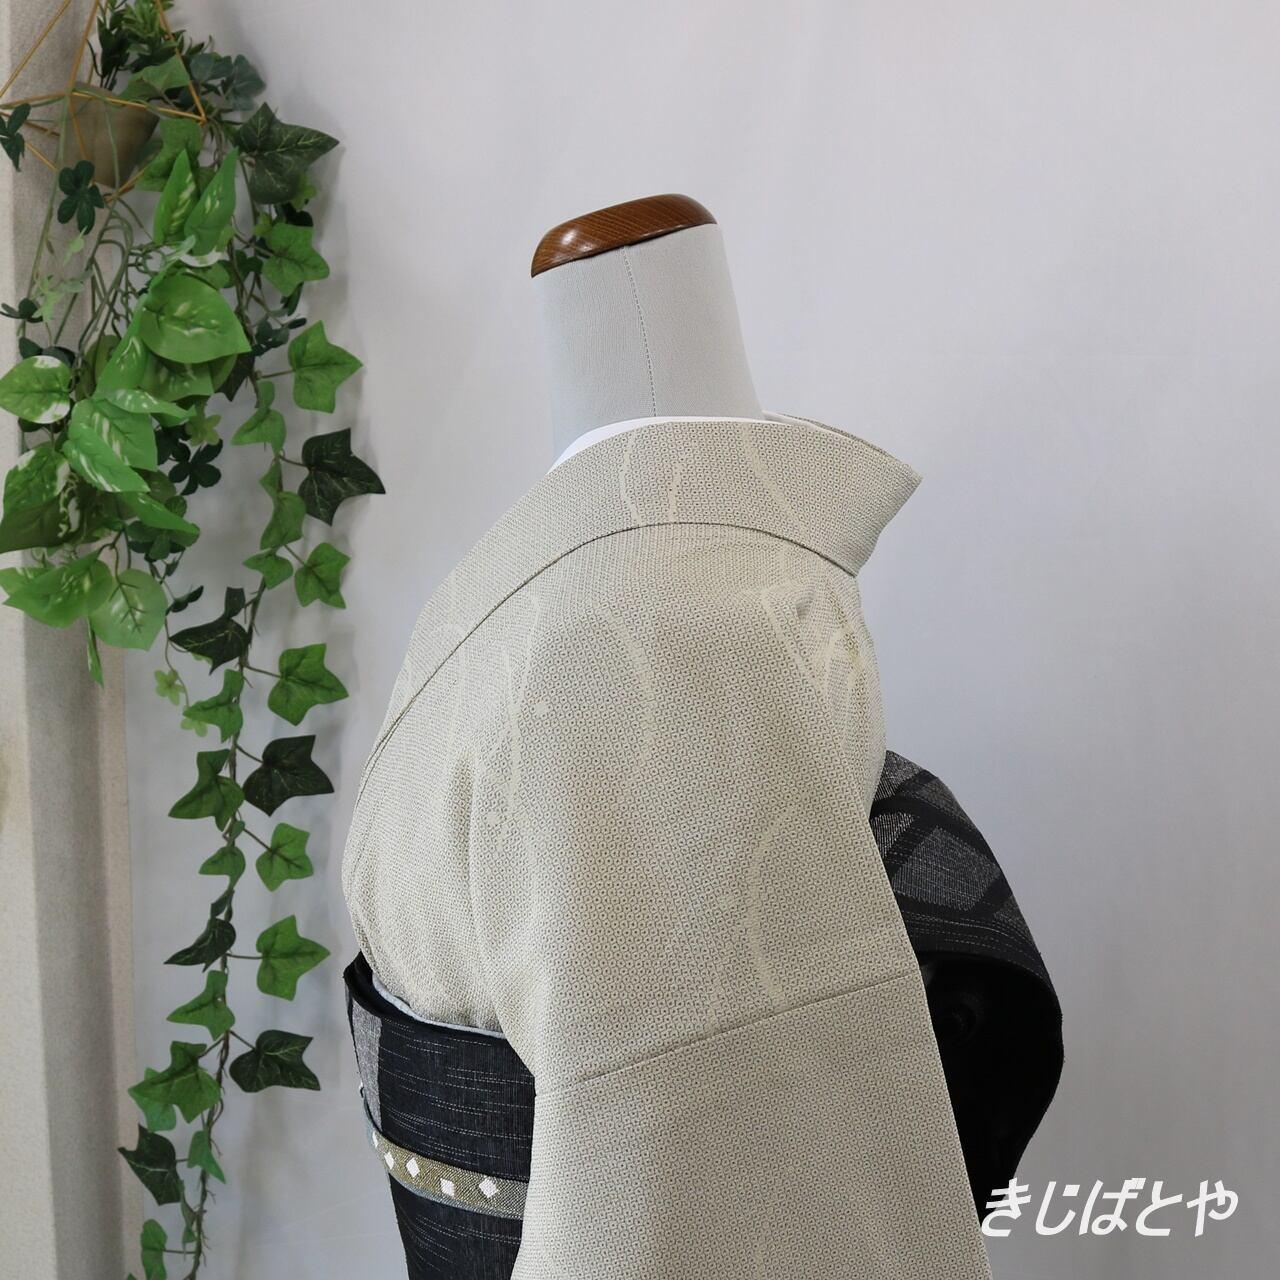 塩沢紬 蒸栗色に露芝の単衣